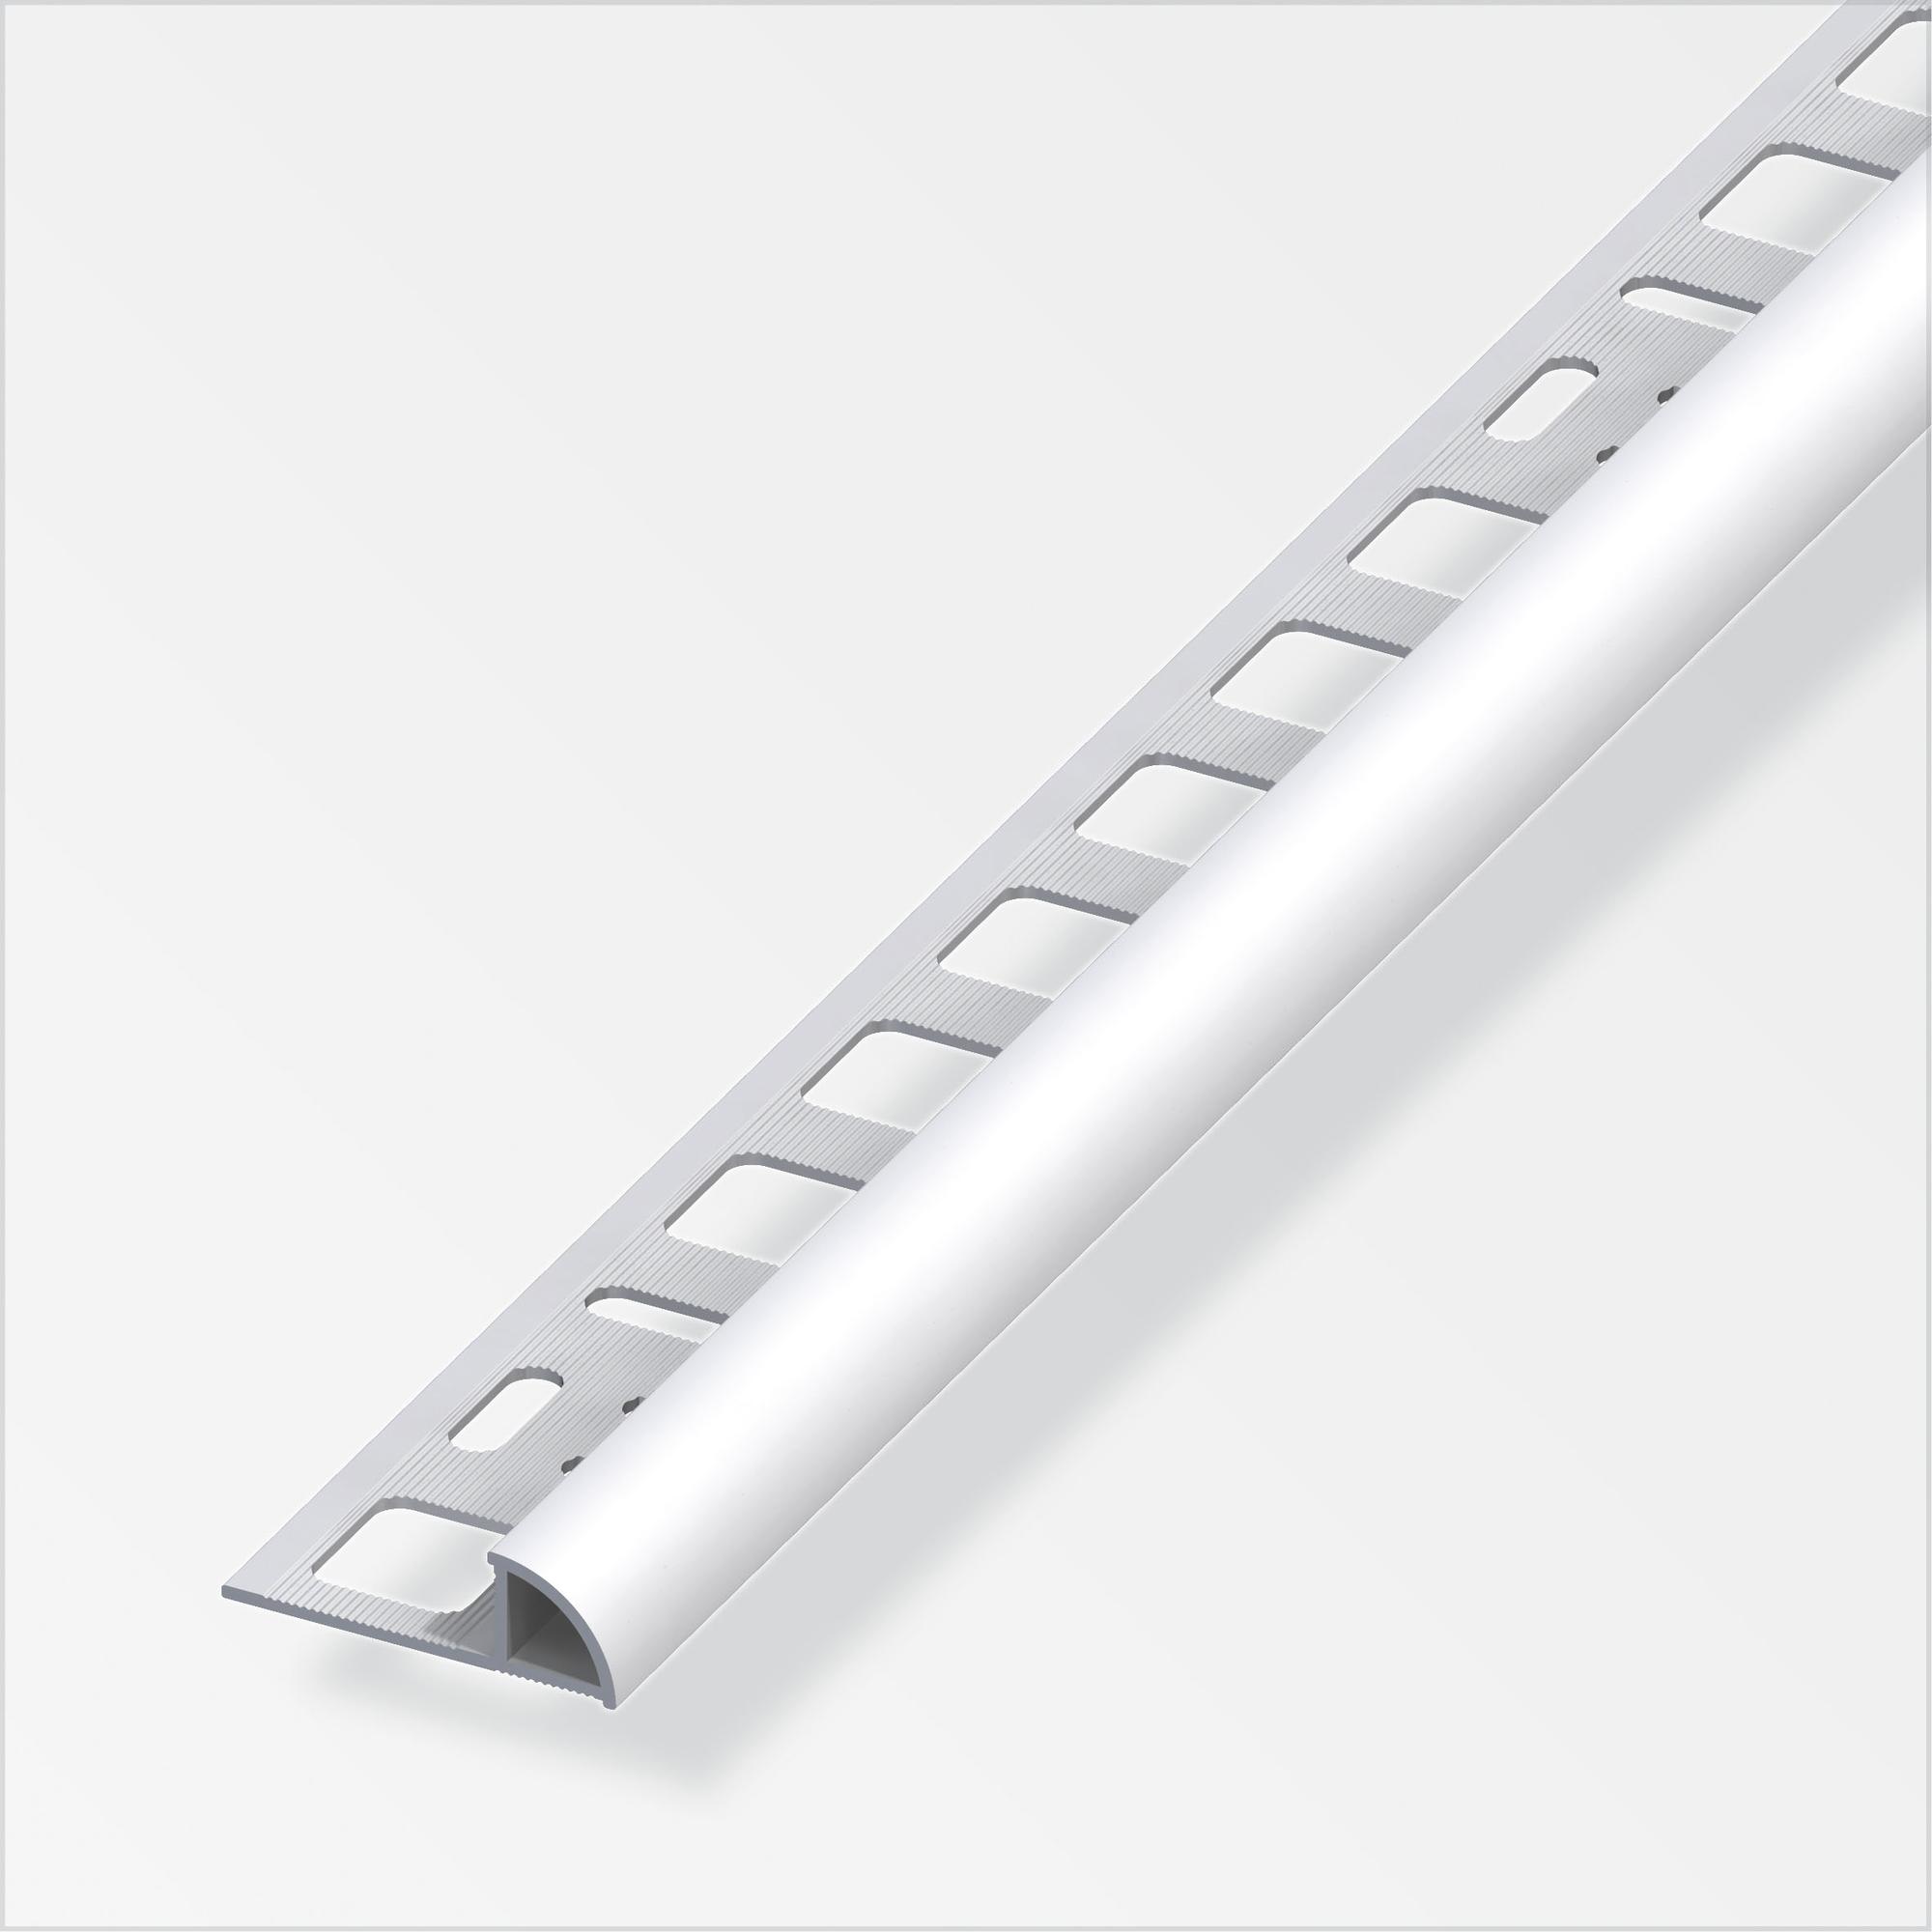 Alfer Viertelkreisprofil Aluminium silber 8 x 8 mm